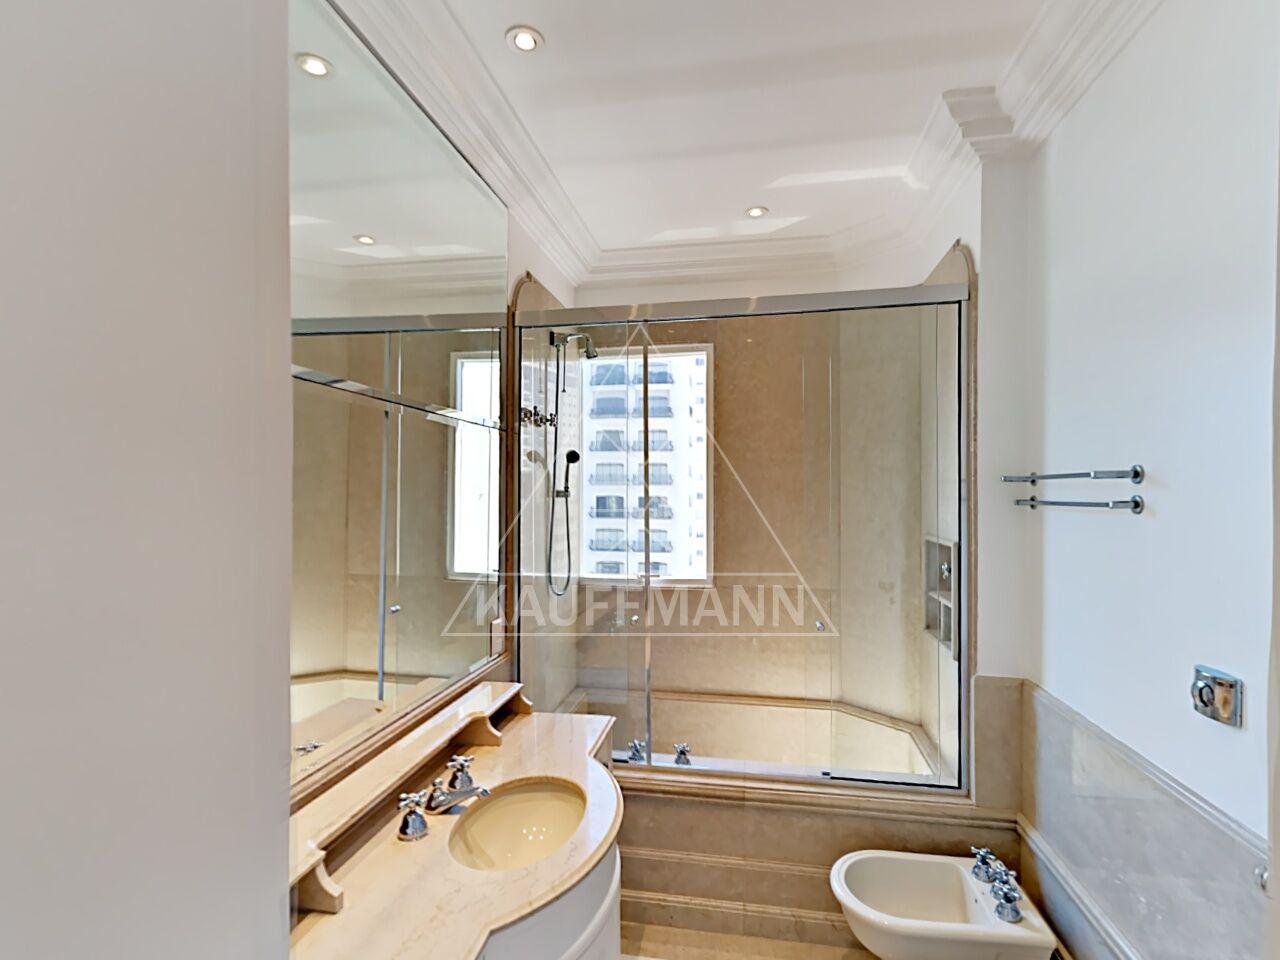 apartamento-venda-sao-paulo-jardim-america-regency-6dormitorios-6suites-7vagas-1099m2-Foto41